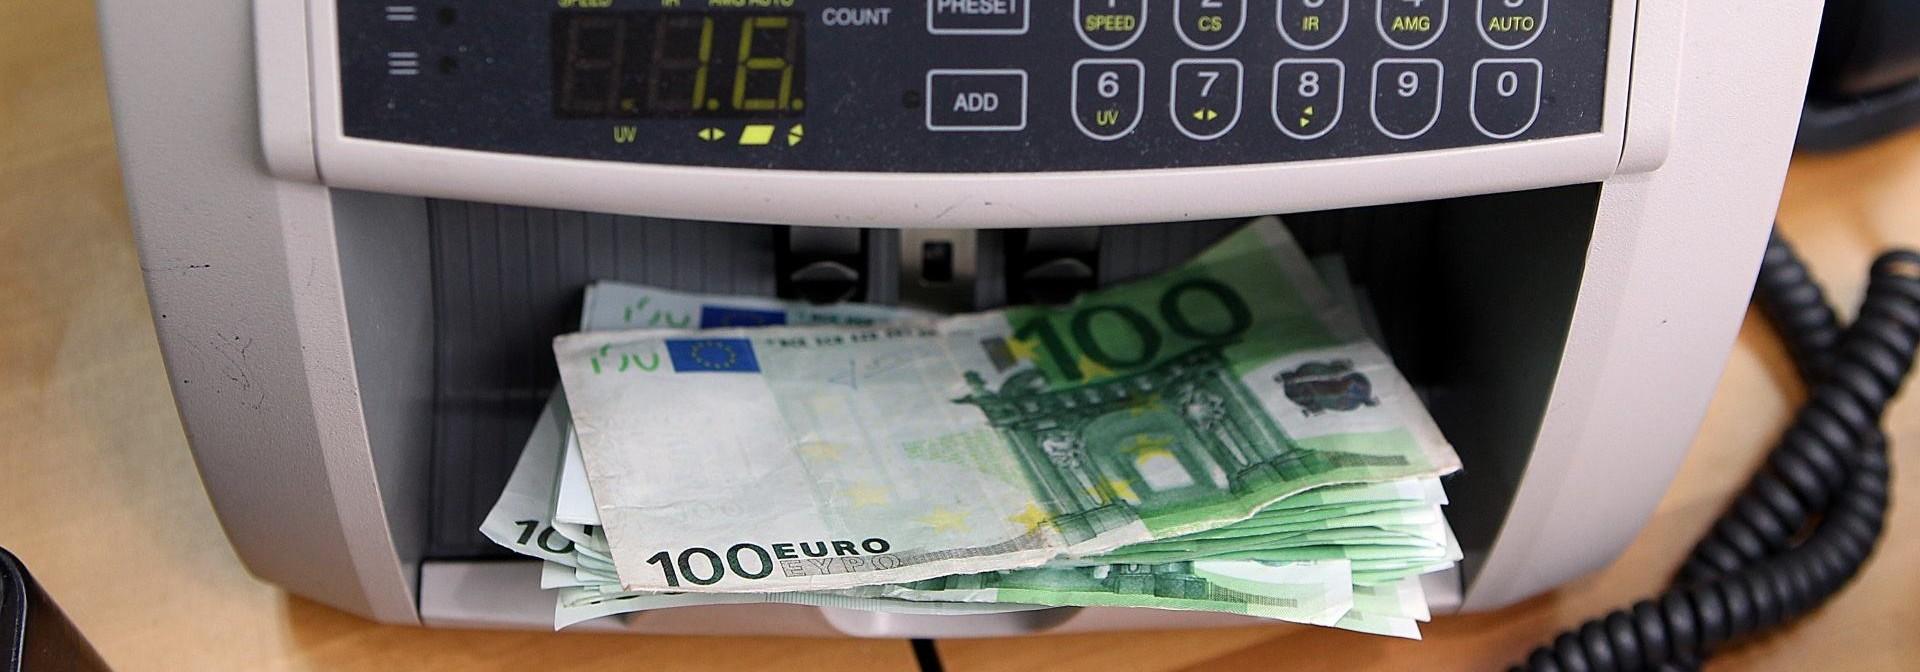 POTREBNA DALJNJA POMOĆ Grčka krajem mjeseca možda neće moći vratiti zajam Međunarodnom monetarnom fondu